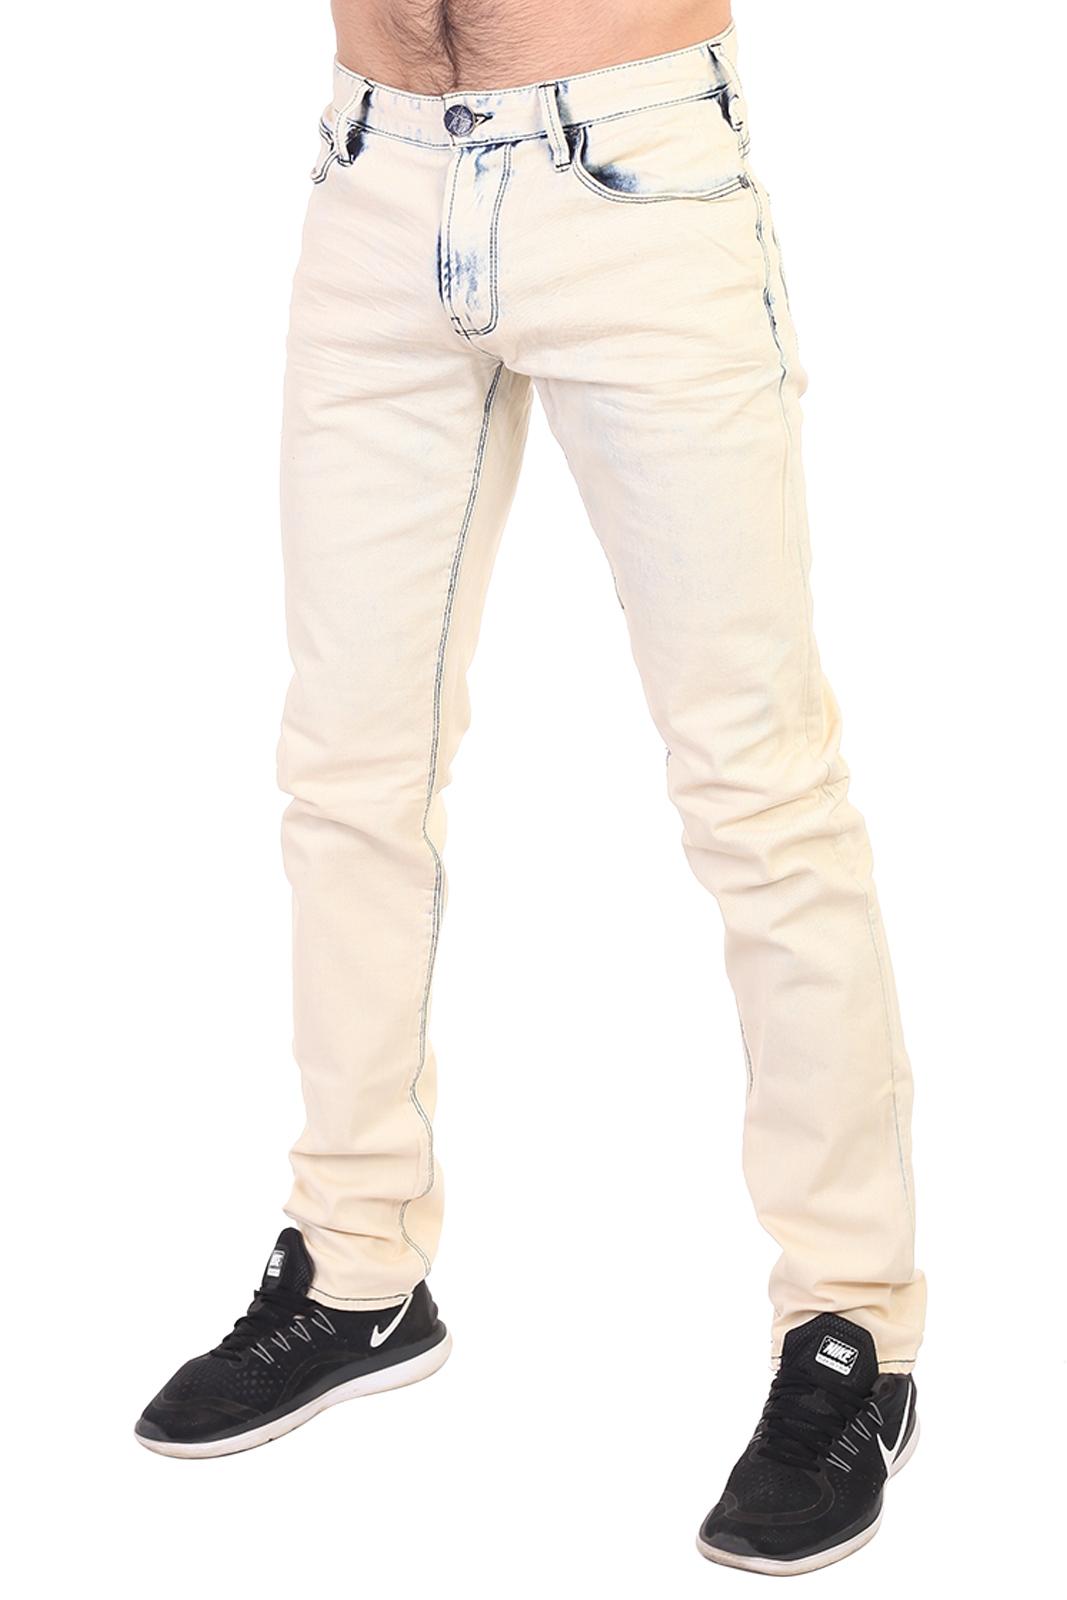 Купить в интернет магазине мужские клубные джинсы